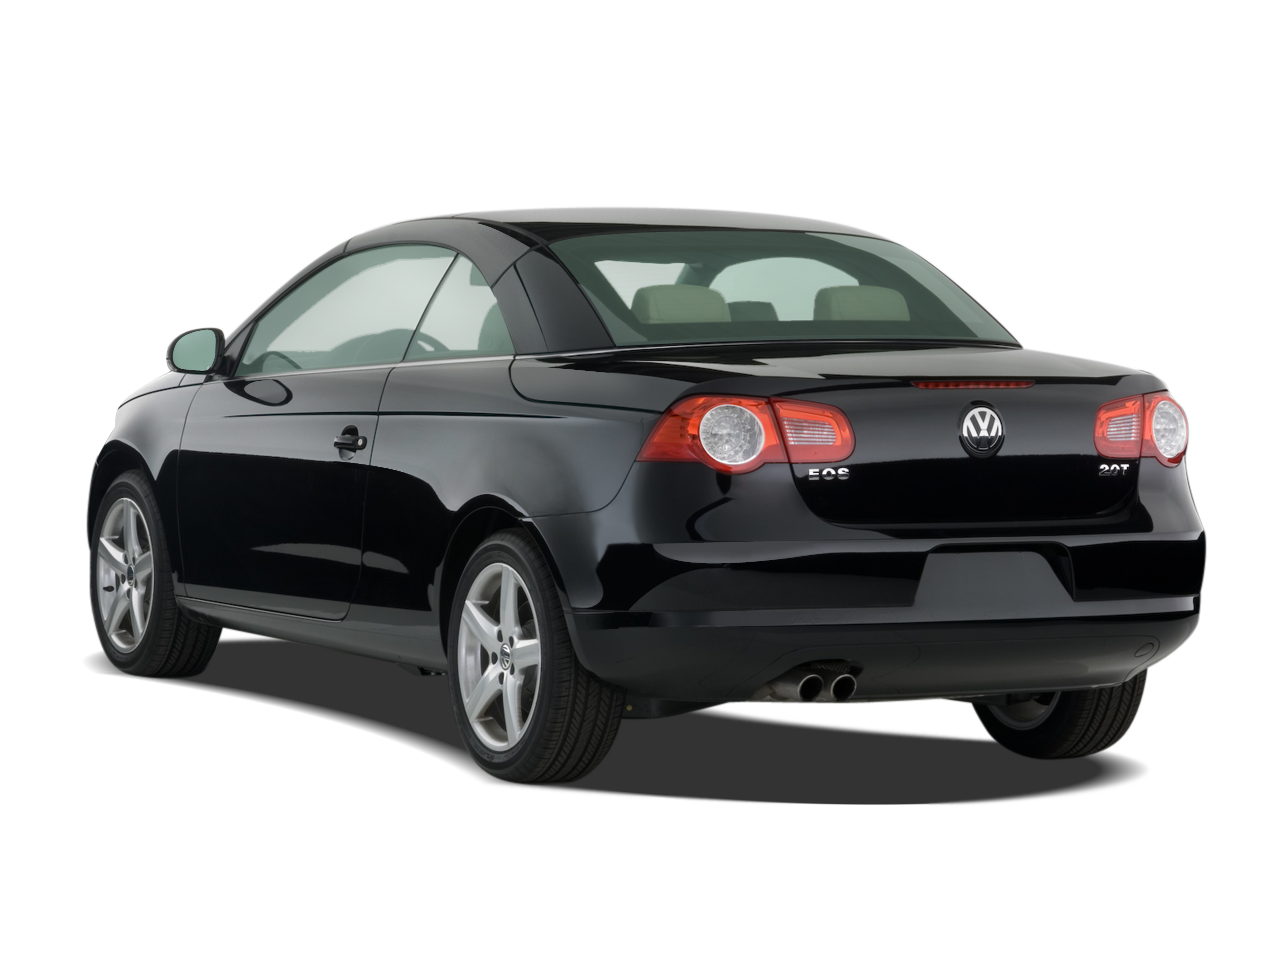 Volkswagen Eos I 2006 - 2010 Cabriolet #2